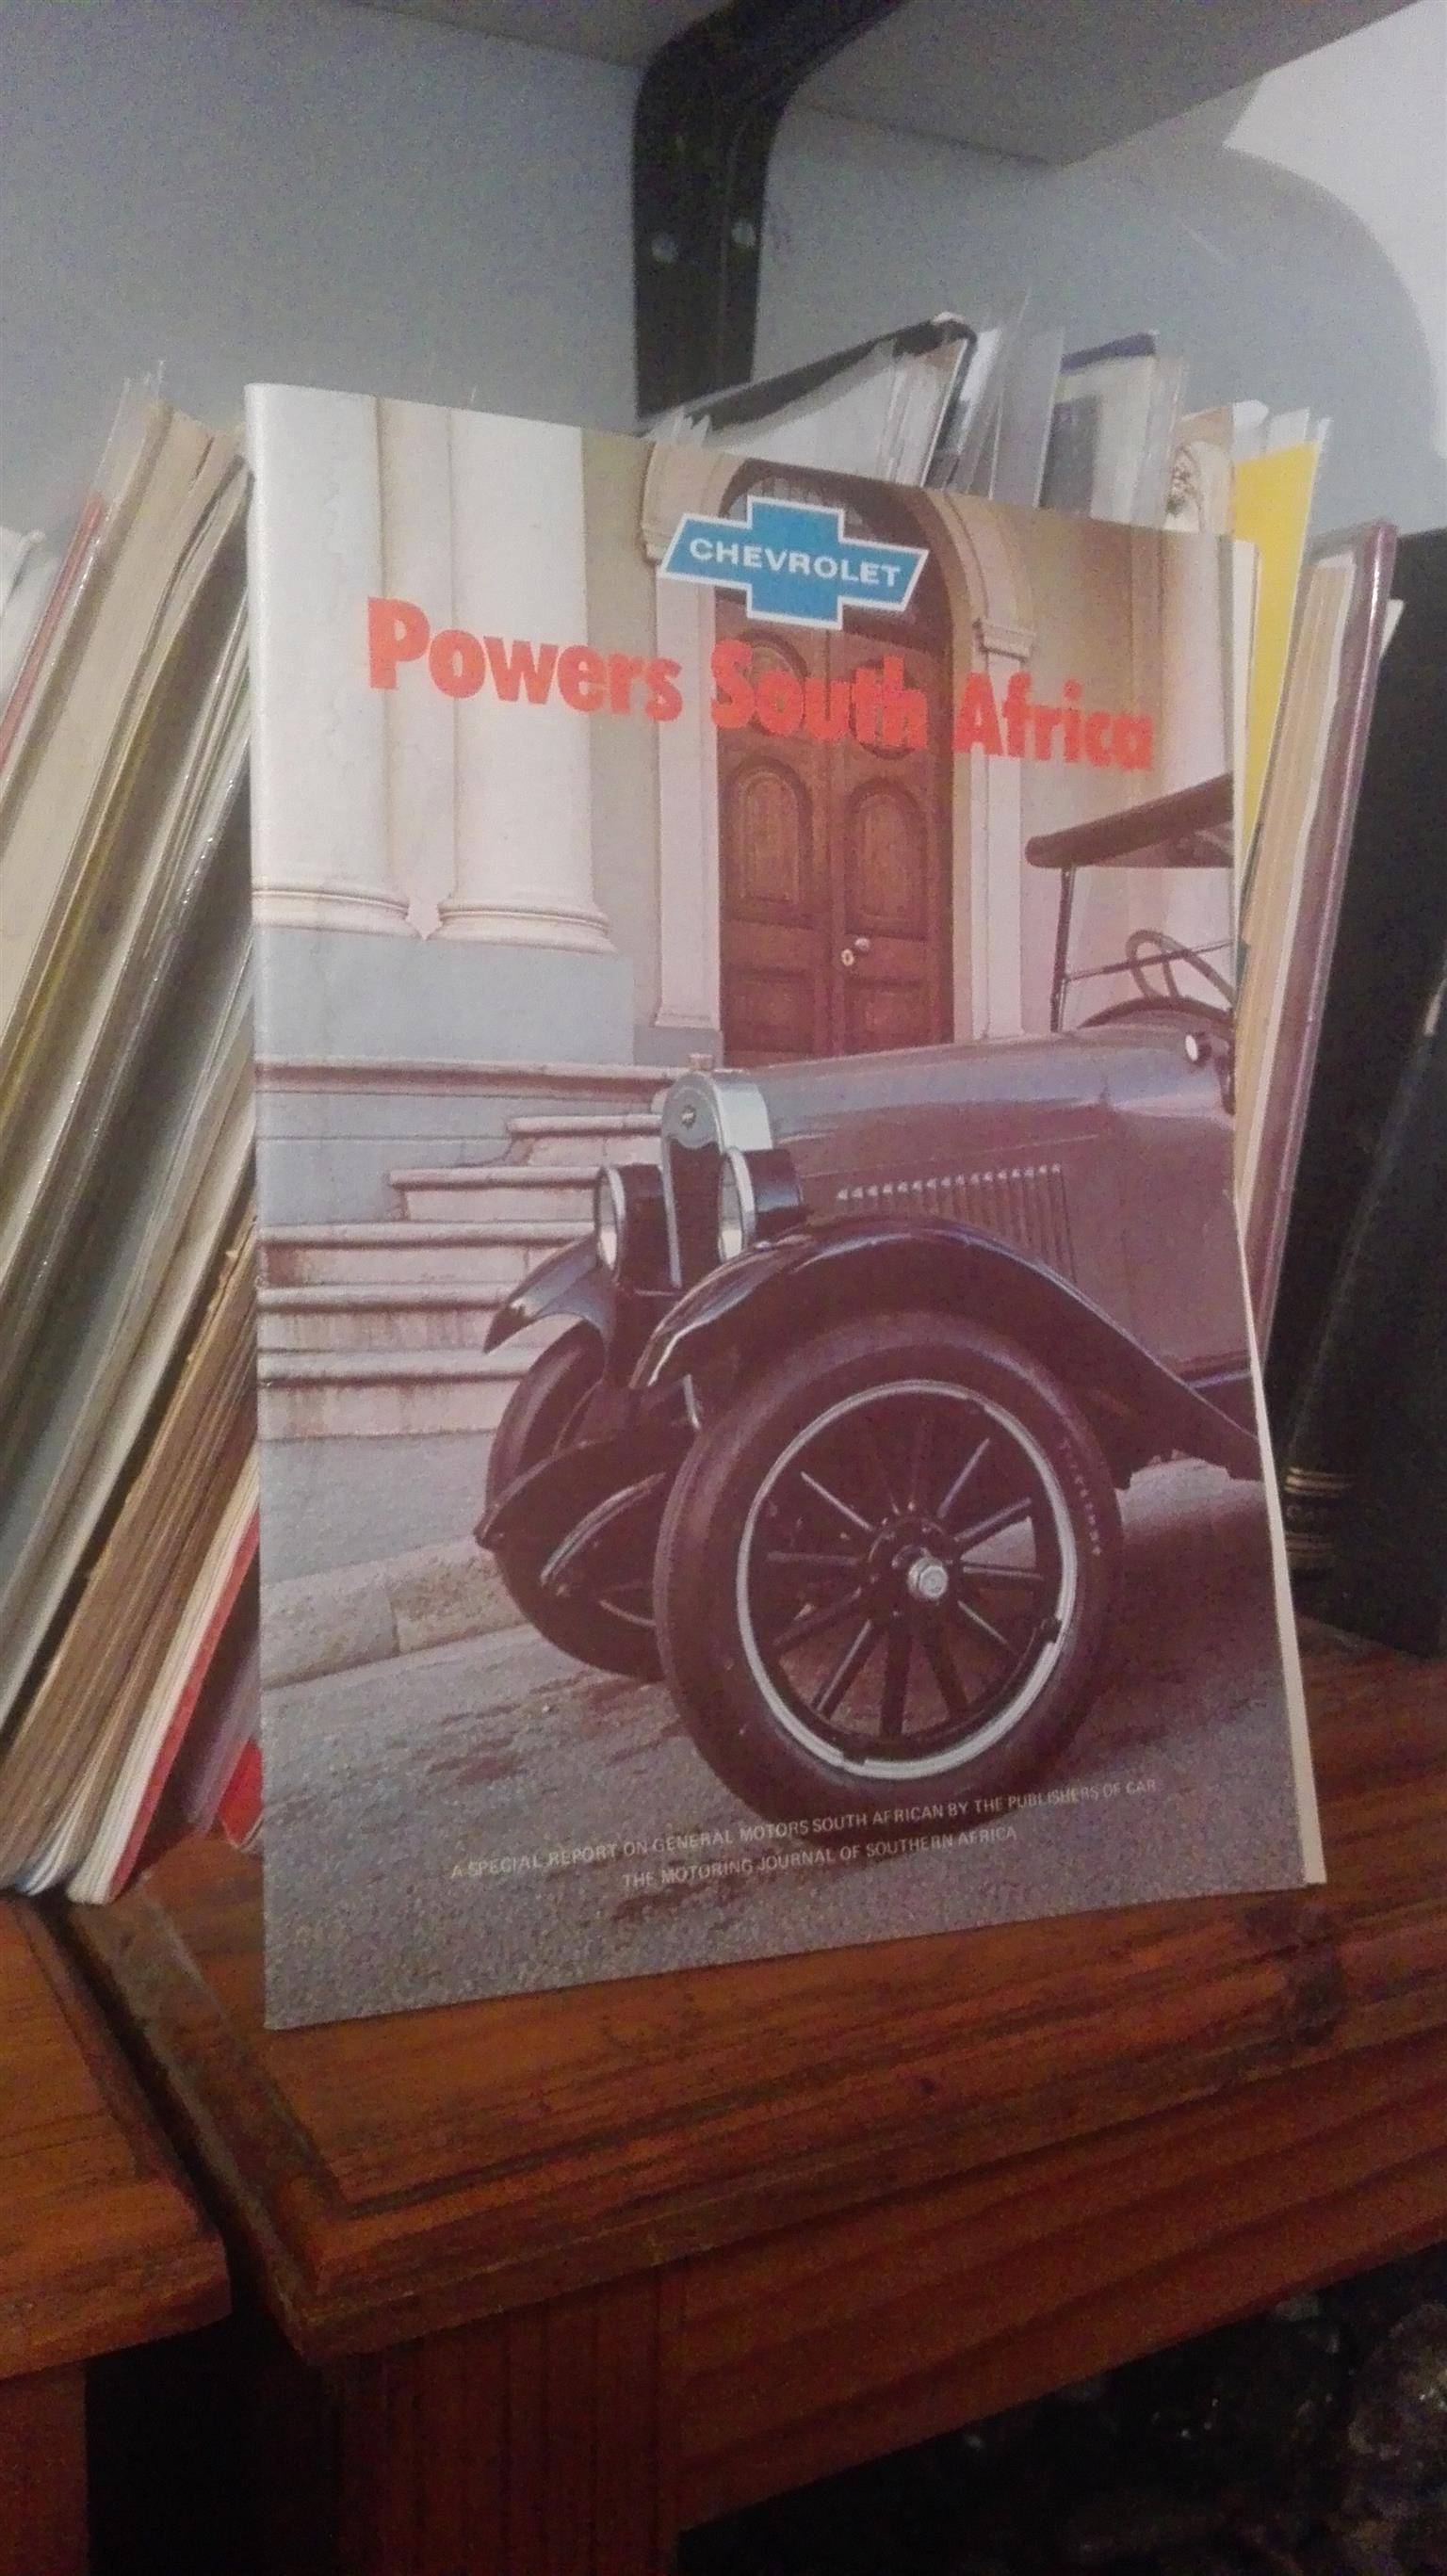 Chevrolet South Africa: Original special report